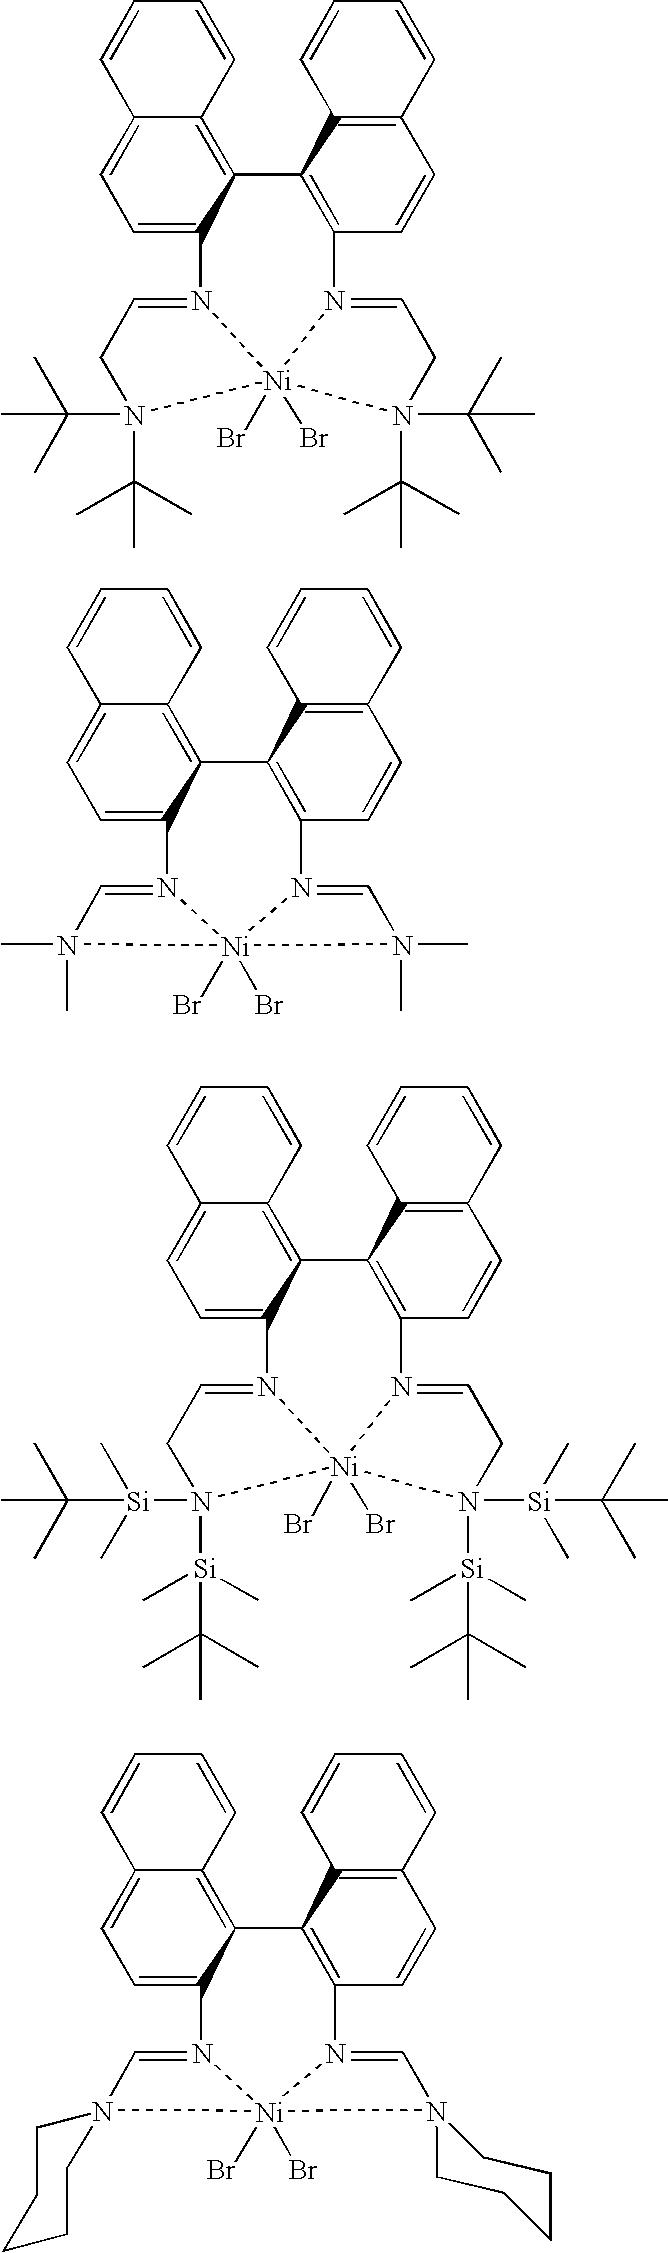 Figure US20060135352A1-20060622-C00012